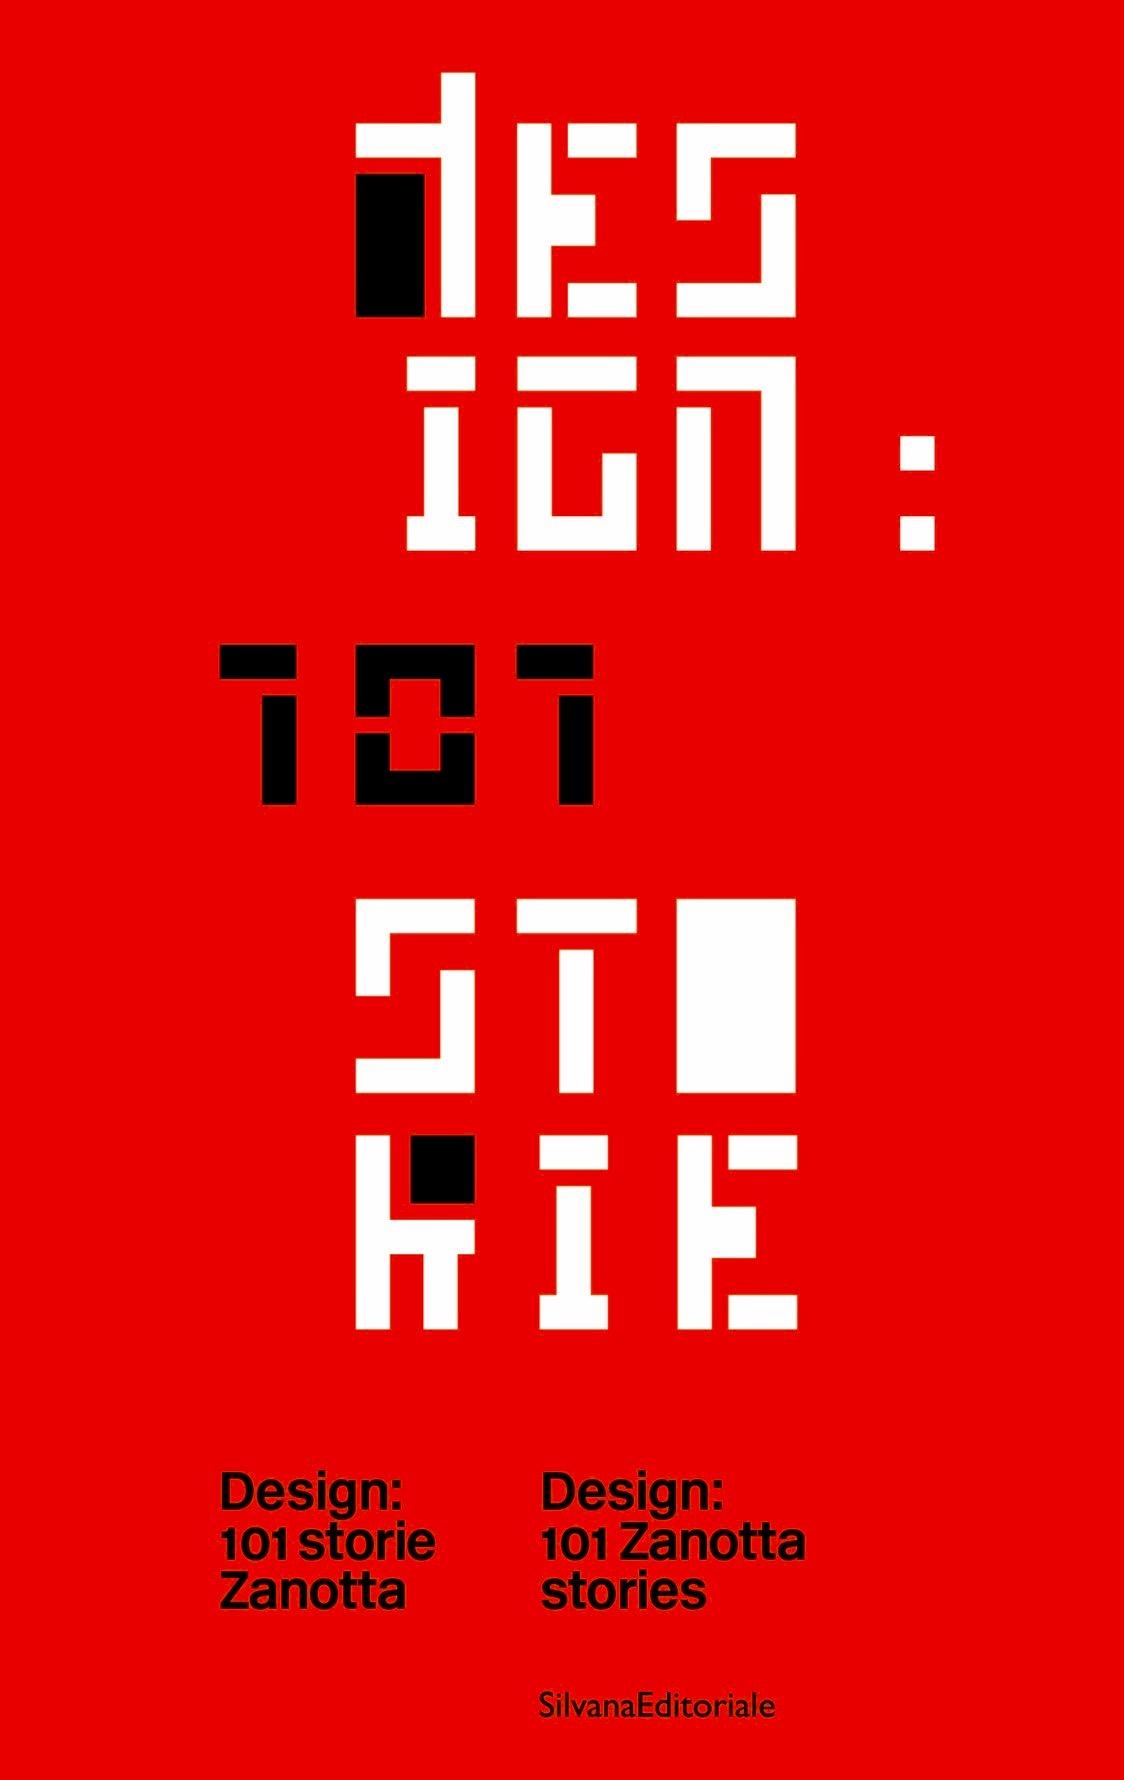 Design: 101 storie Zanotta